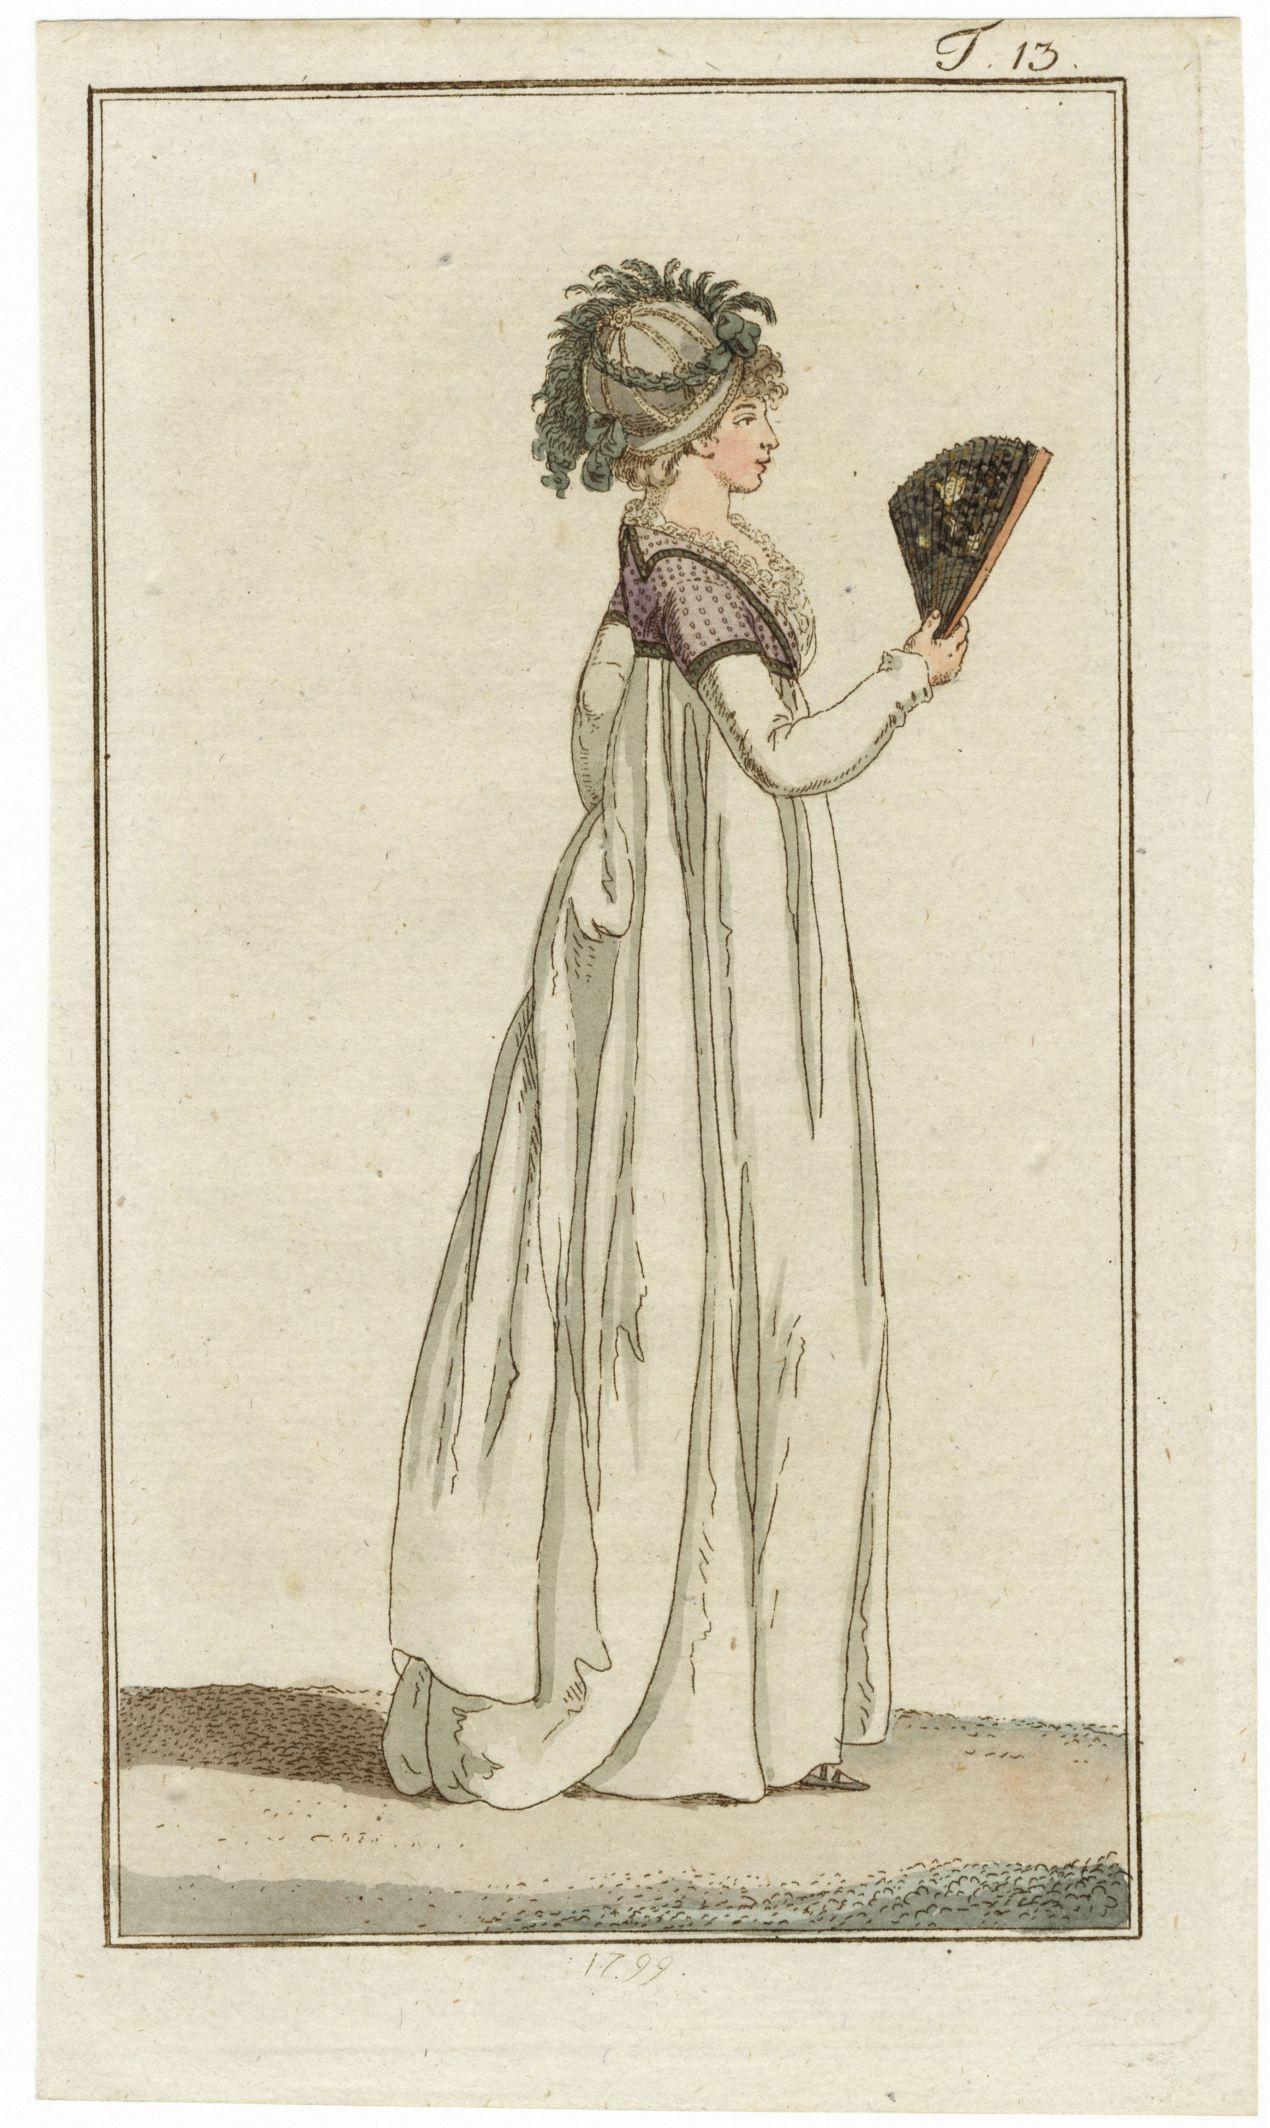 Journal des Luxus und der Moden 1799 n°13 Hand-colored engraving